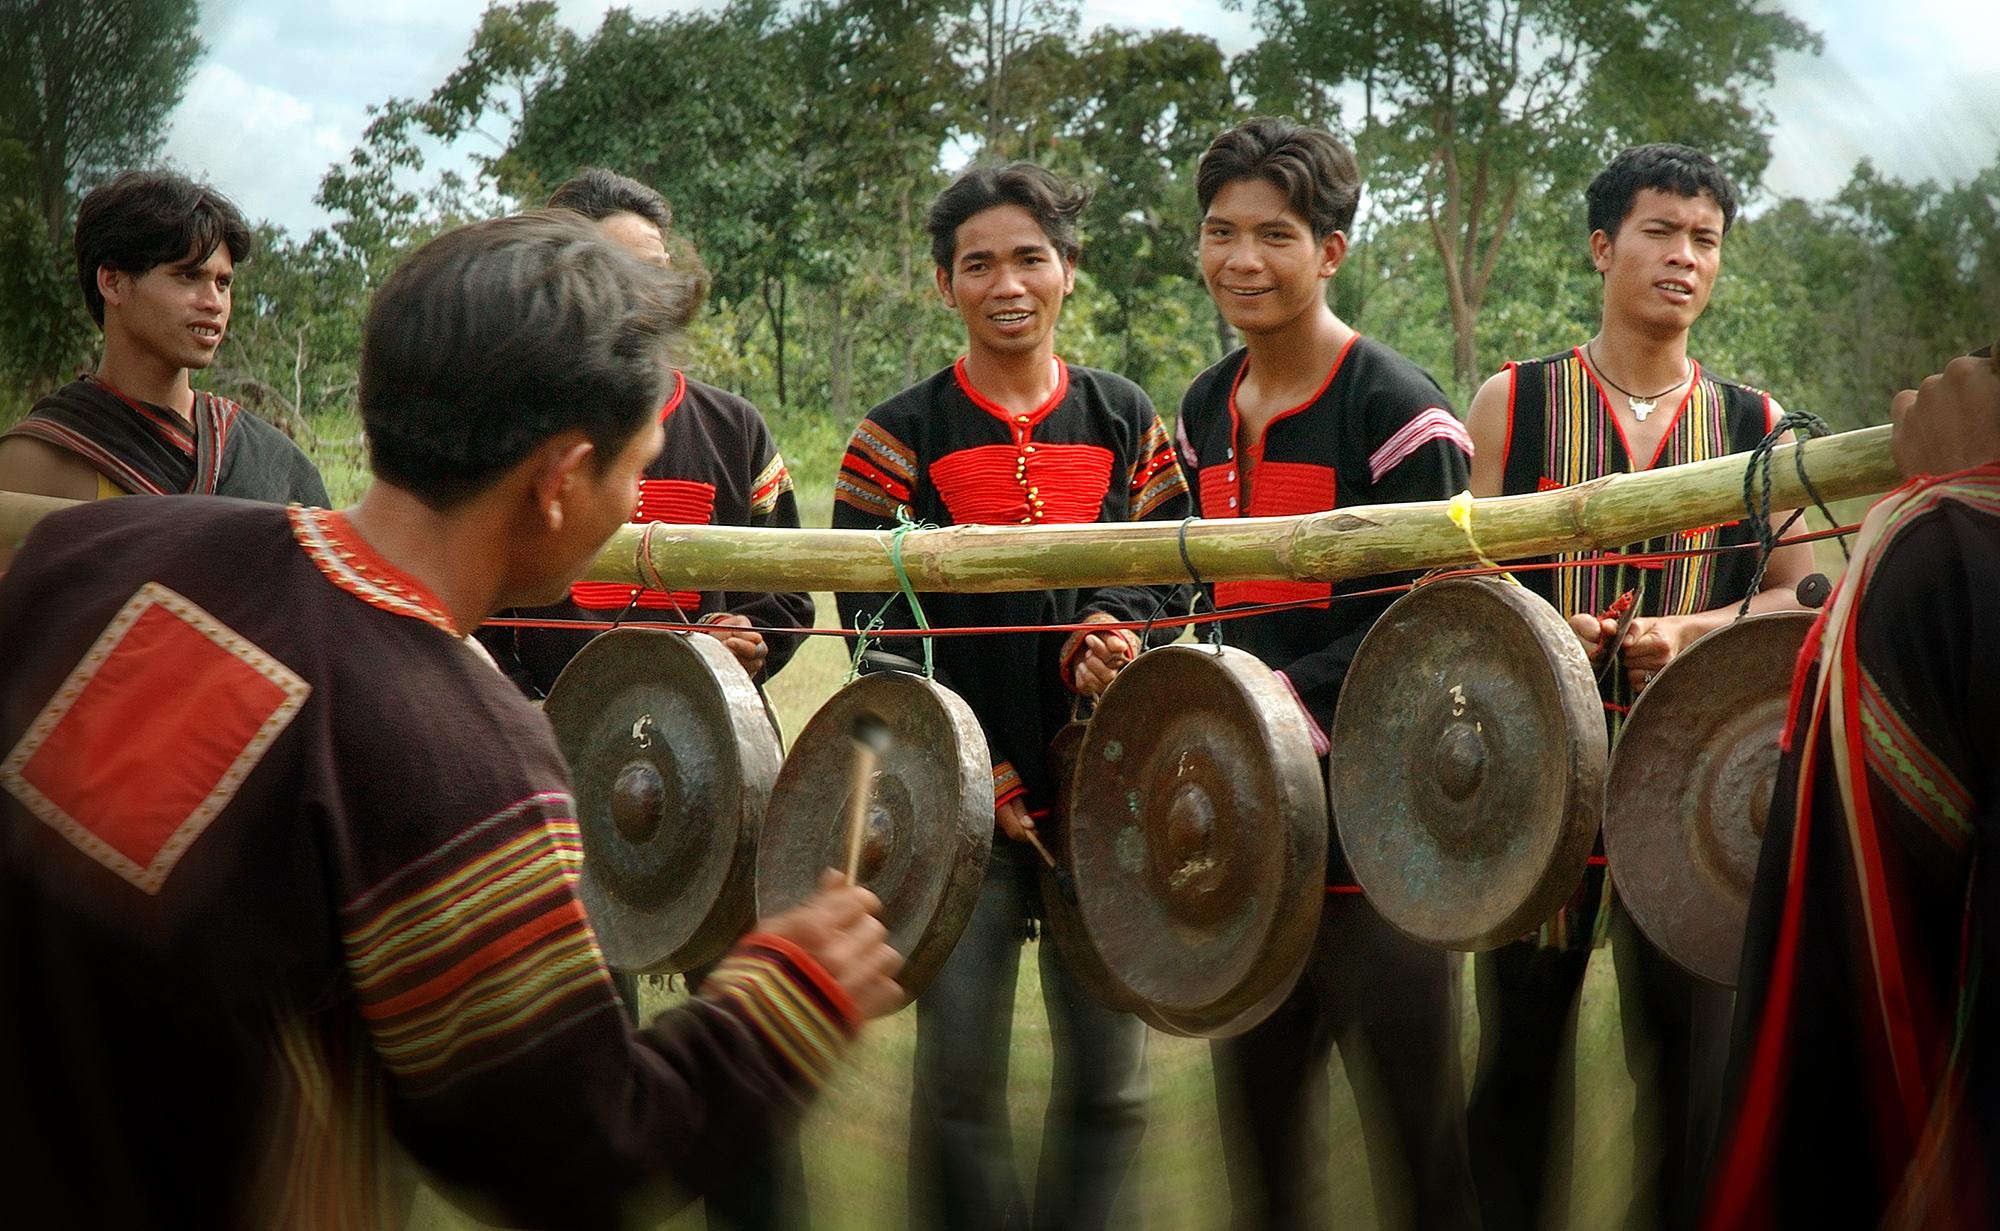 Tuoi tre voi cong chieng - Bao Hung.